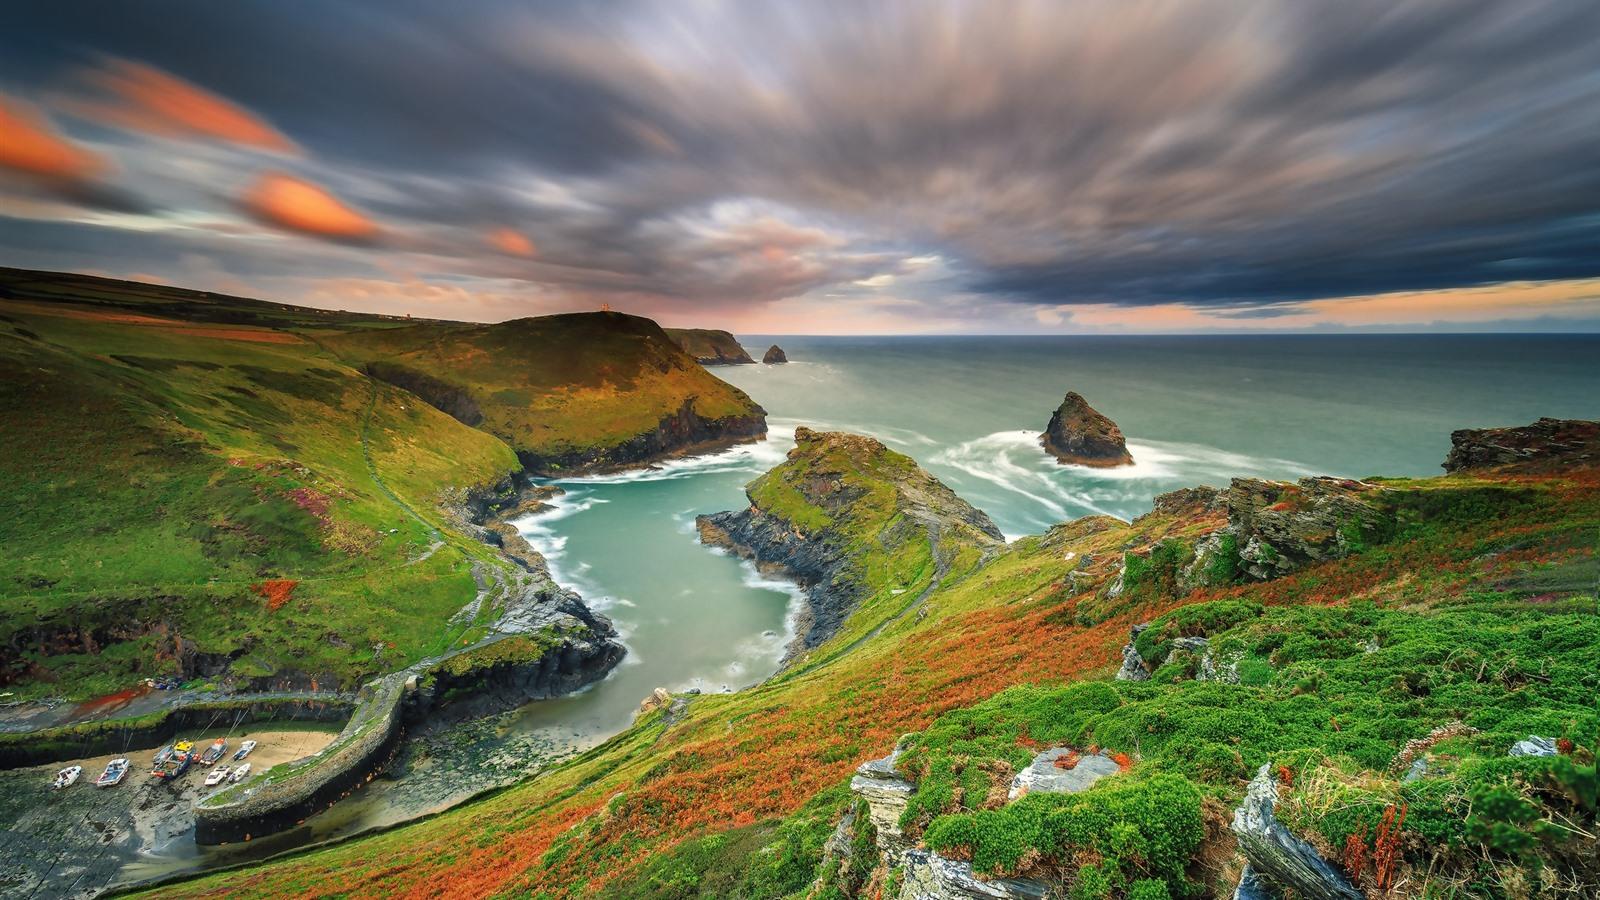 Fonds d'écran Paysage magnifique nature, montagnes, mer, côte, couleurs 1920x1200 HD image